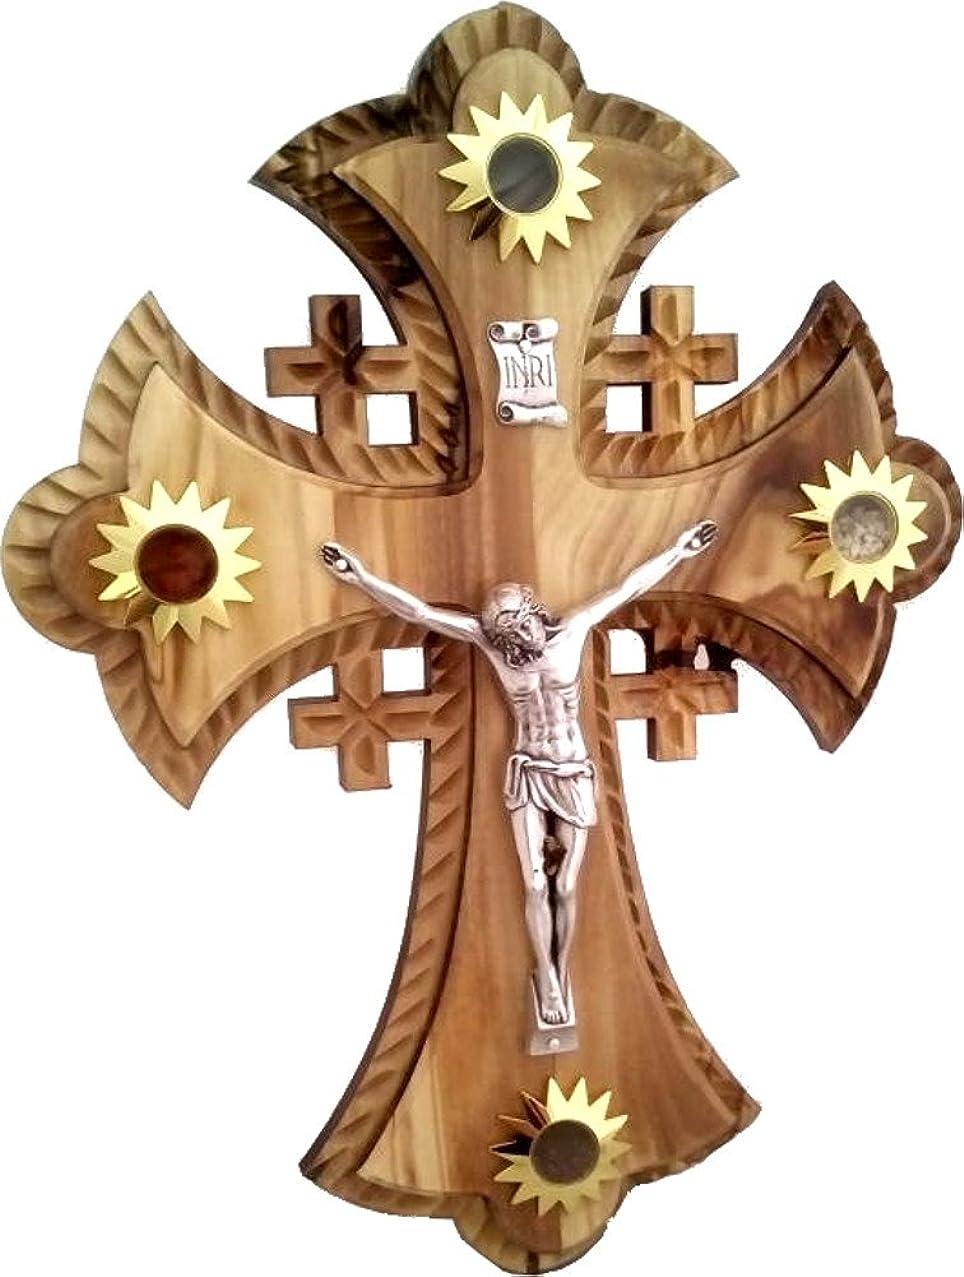 乱れクルーロビー2層のOlivewood Crucifix With Holy Landサンプル?–?Essences